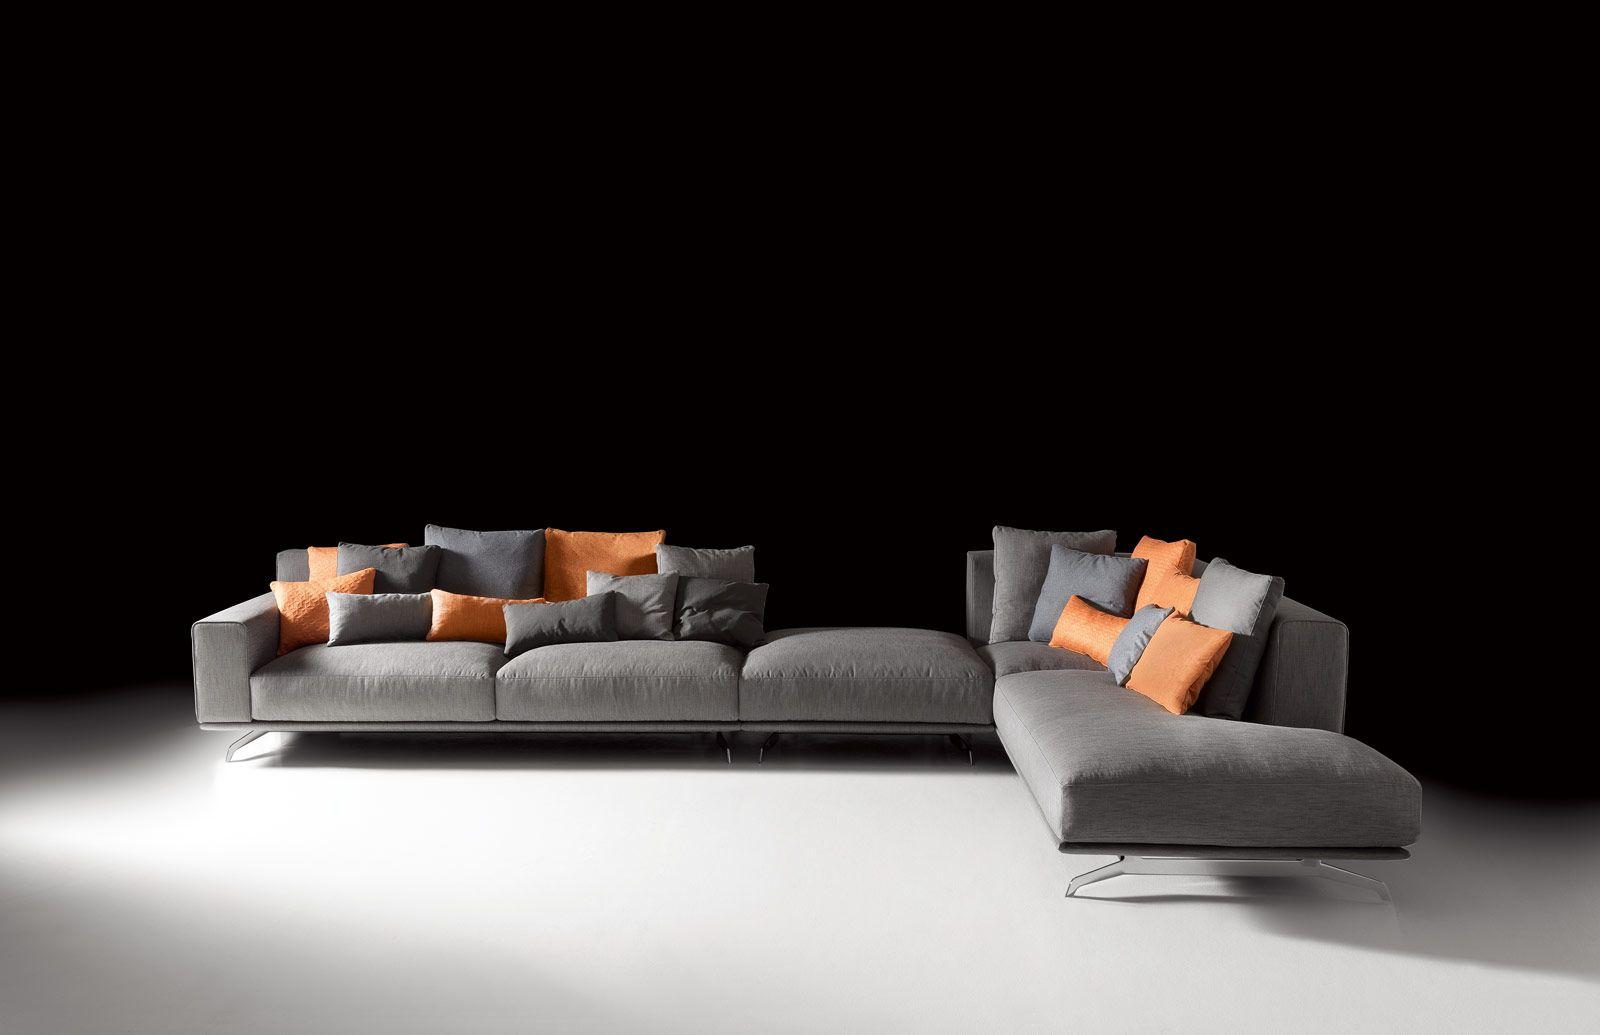 Divani Tre Posti Ad Angolo.Soggiorno Tre Soluzioni Per Il Divano Home Home Decor Furniture